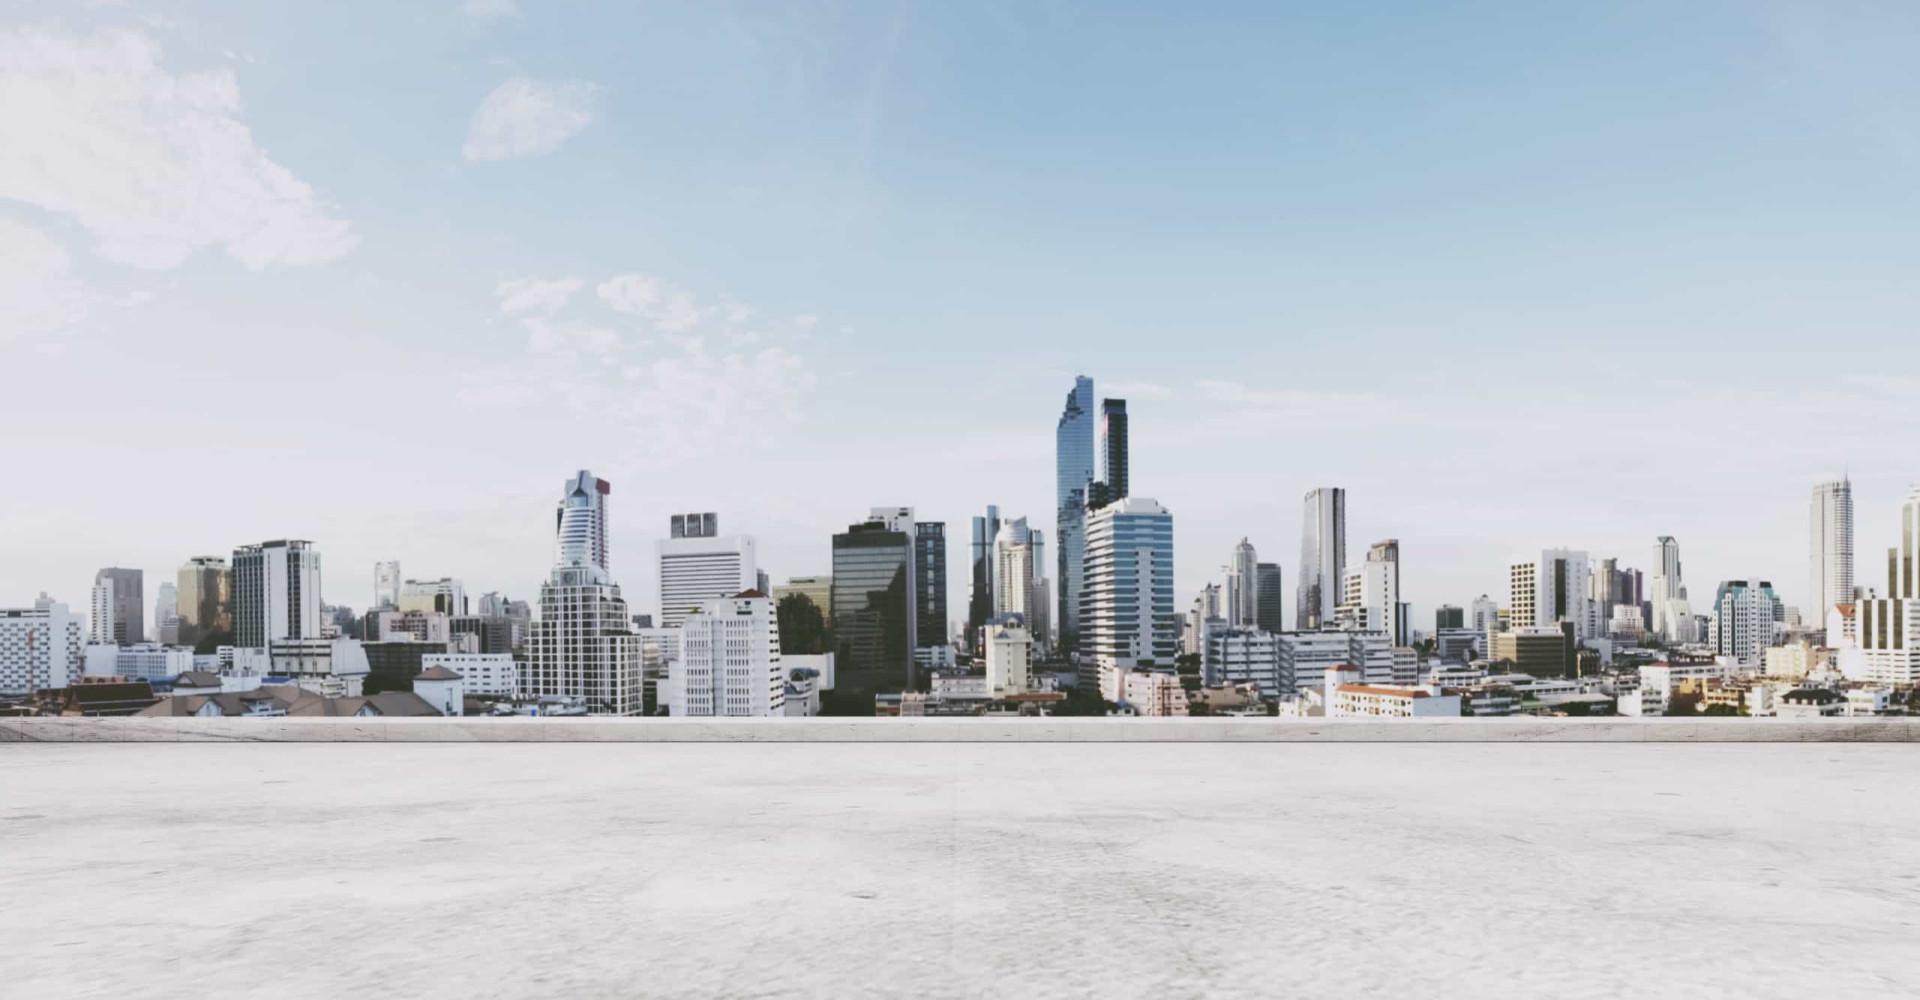 Ciudades gemelas: tan lejos y tan iguales